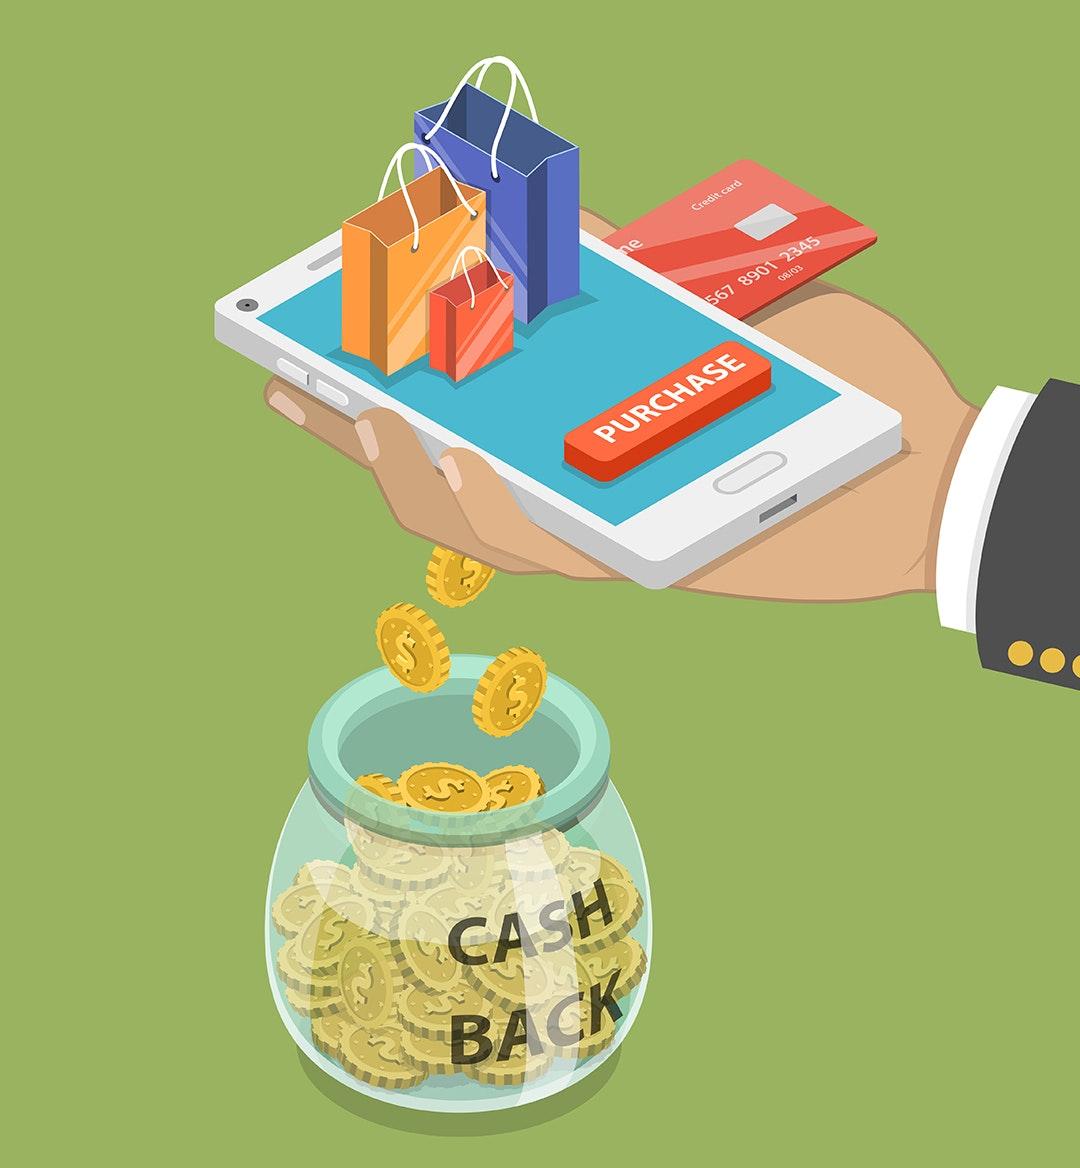 Cash Back mobile